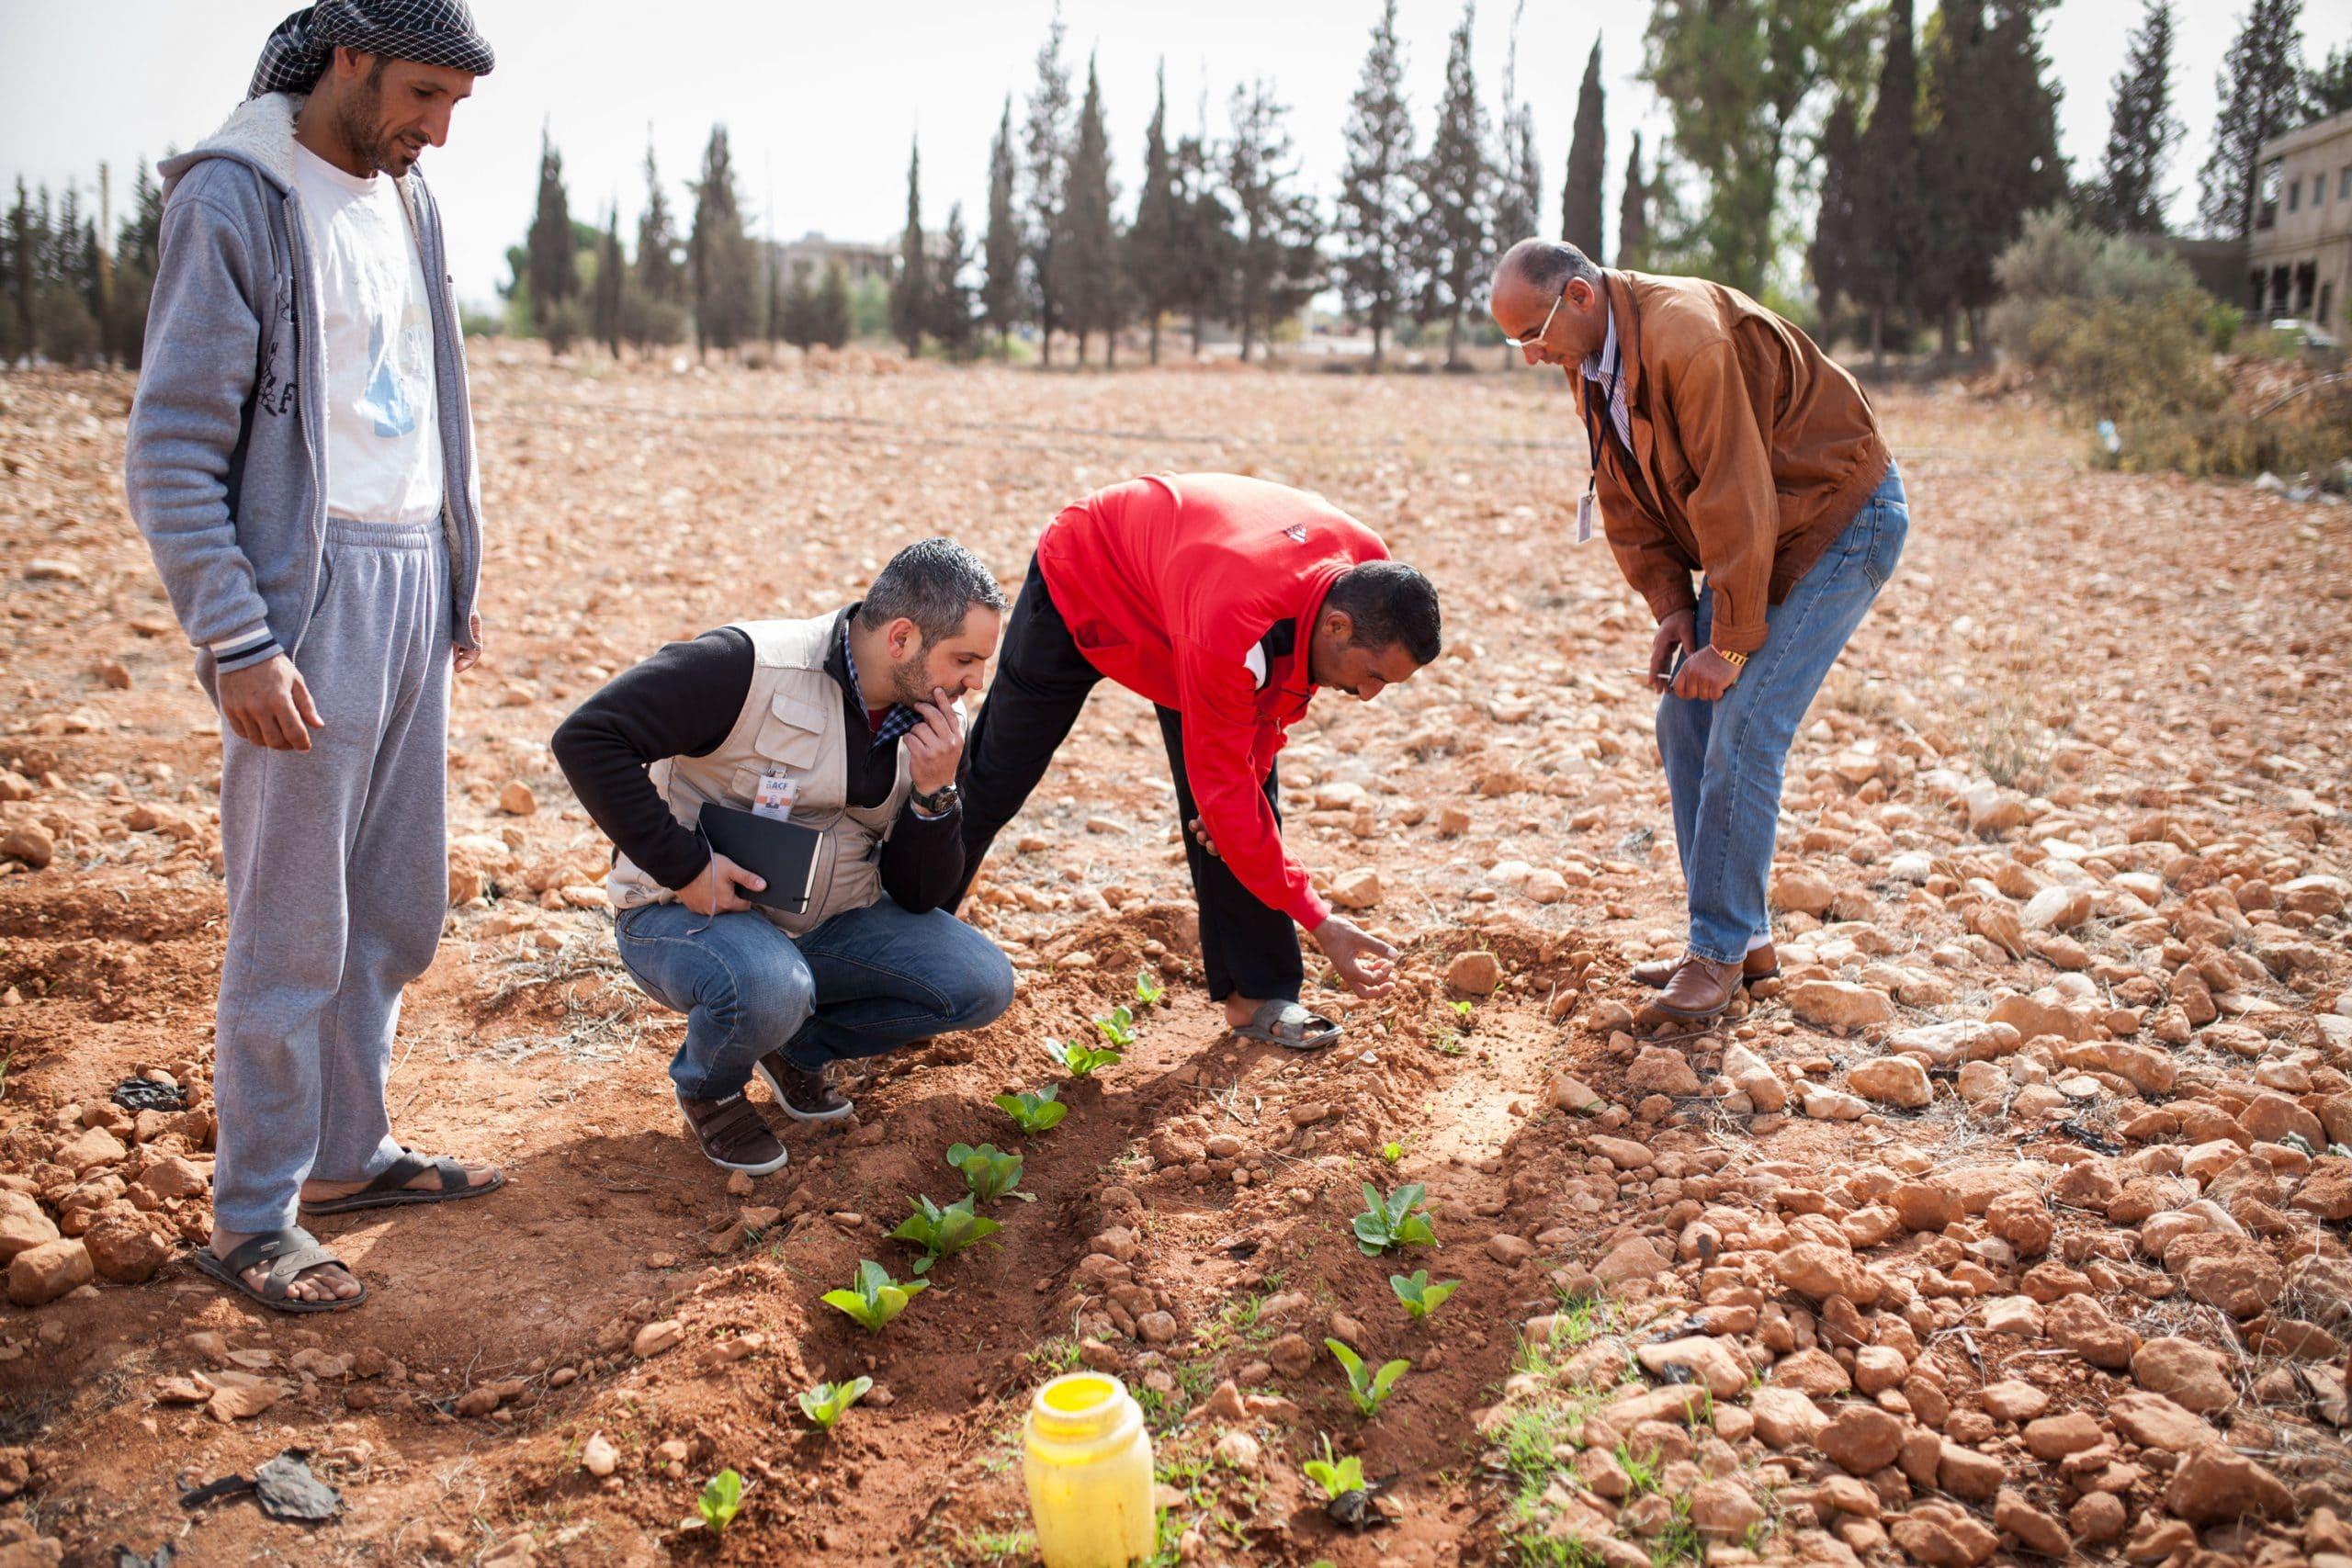 Refugiados en Líbano: cultivan verduras, recogen esperanza